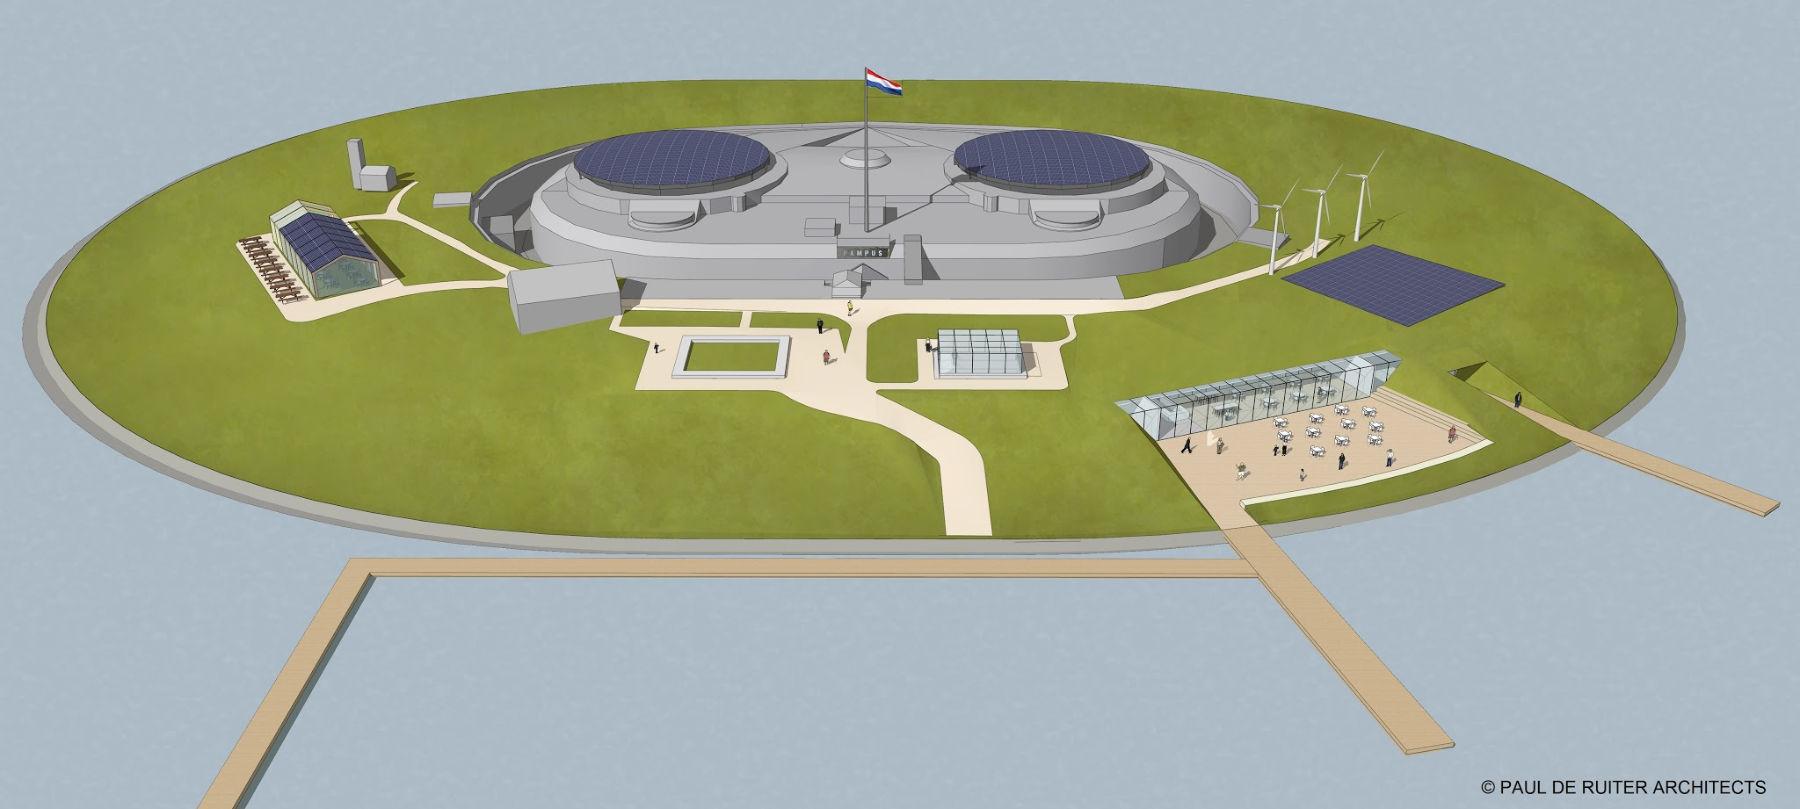 Tekening en schets nr.3 door Paul de Ruiter Architecs van Forteiland Pampus met een nieuw ontvangstgebouw vanwege het project Pampus Duurzaam Zelfvoorzienend